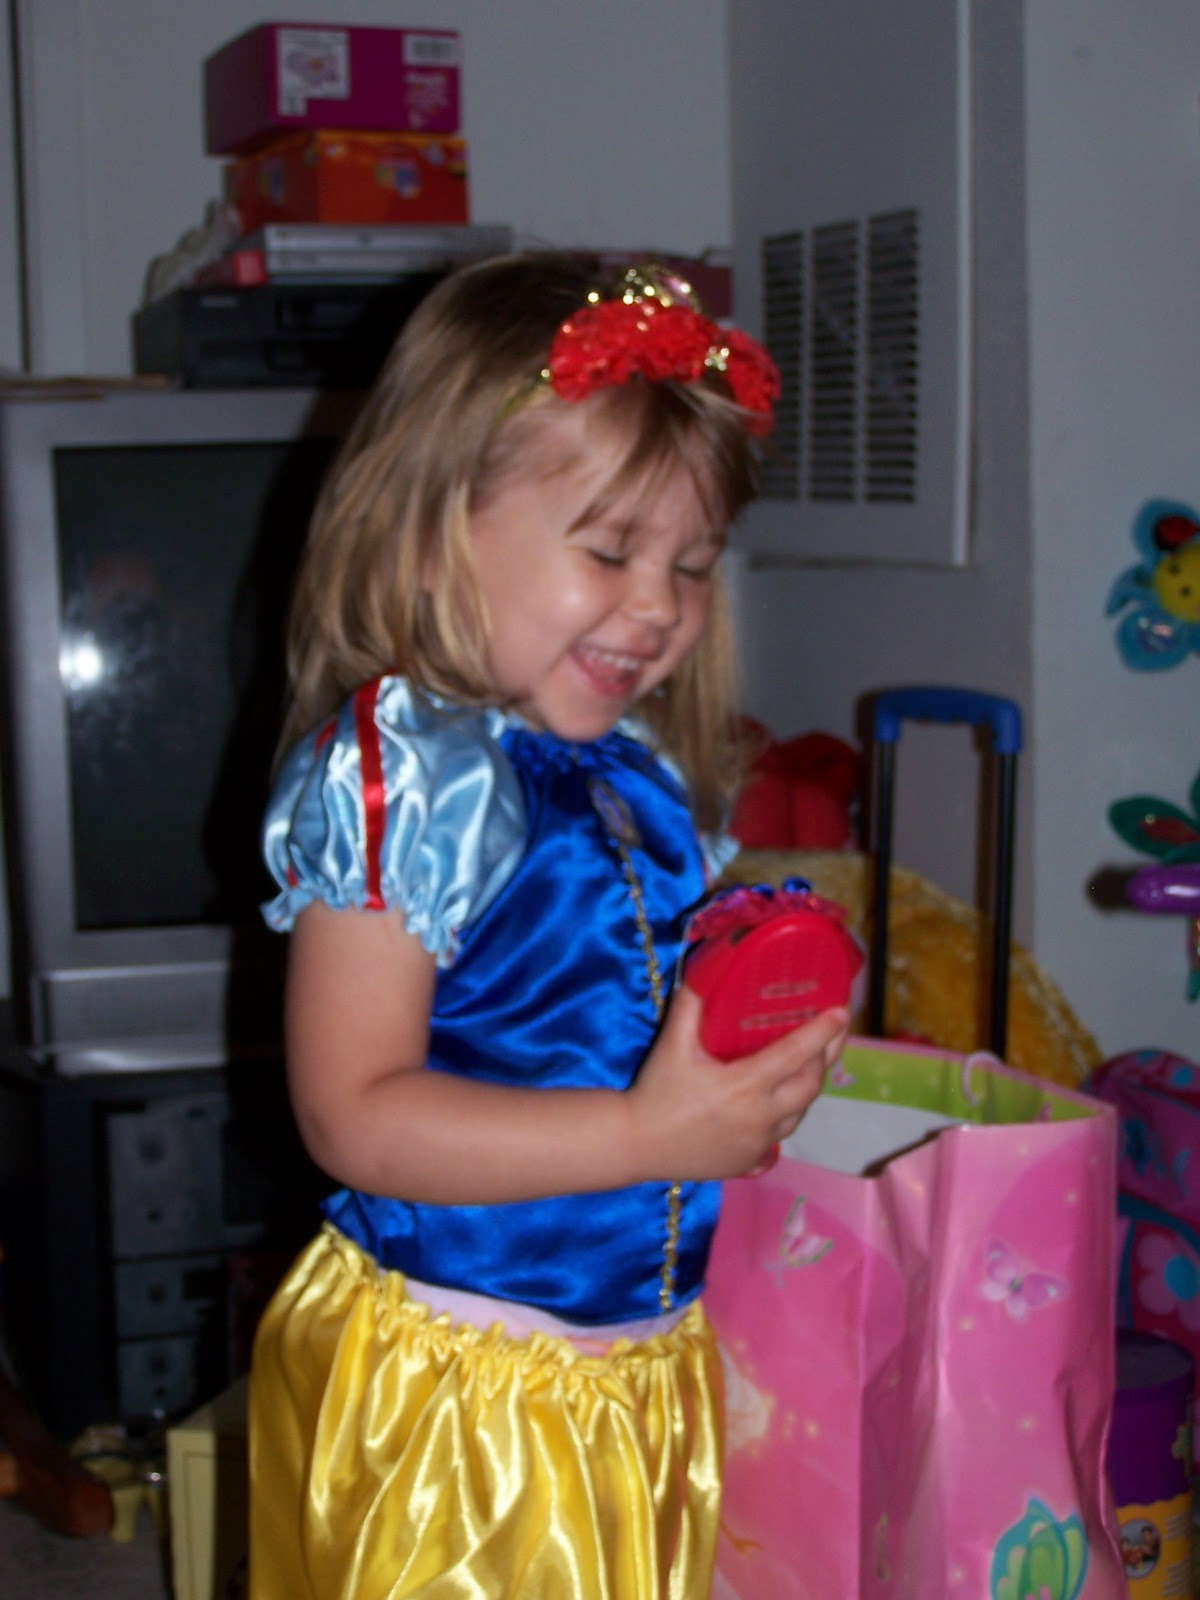 Corinas Birthday Party 2007 - 100_1881.JPG